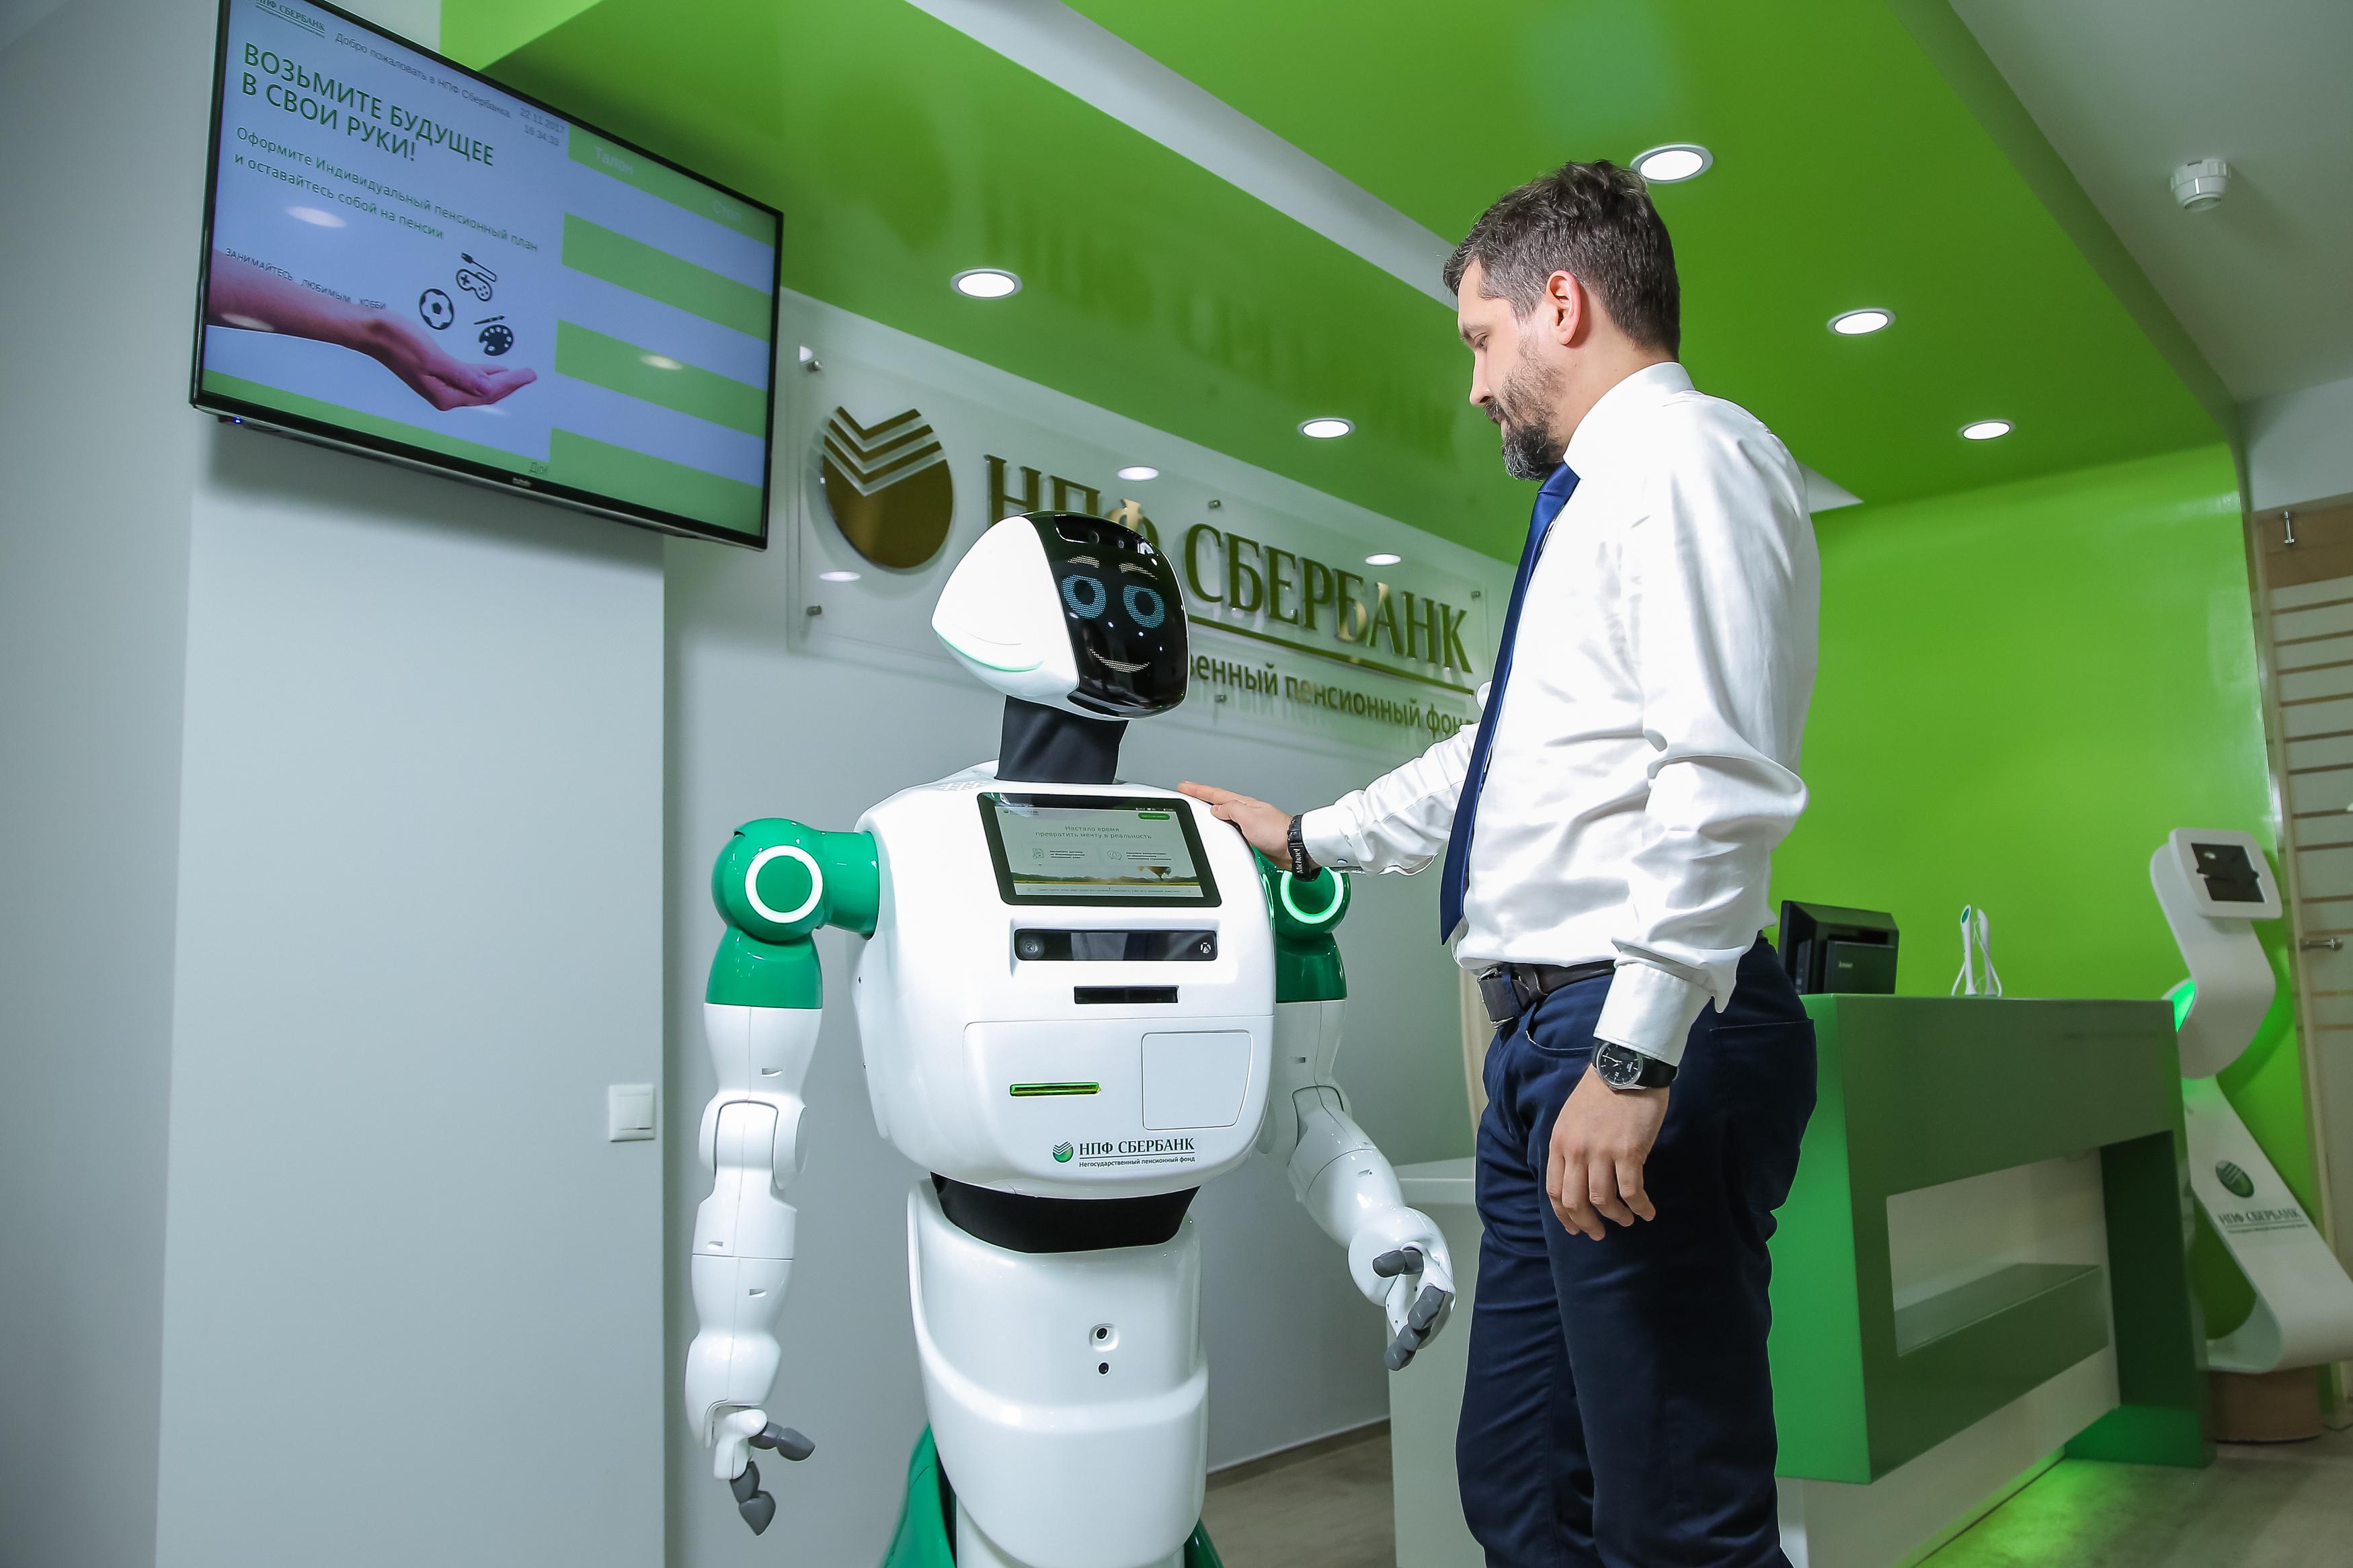 Сбербанк заменит часть сотрудников роботами